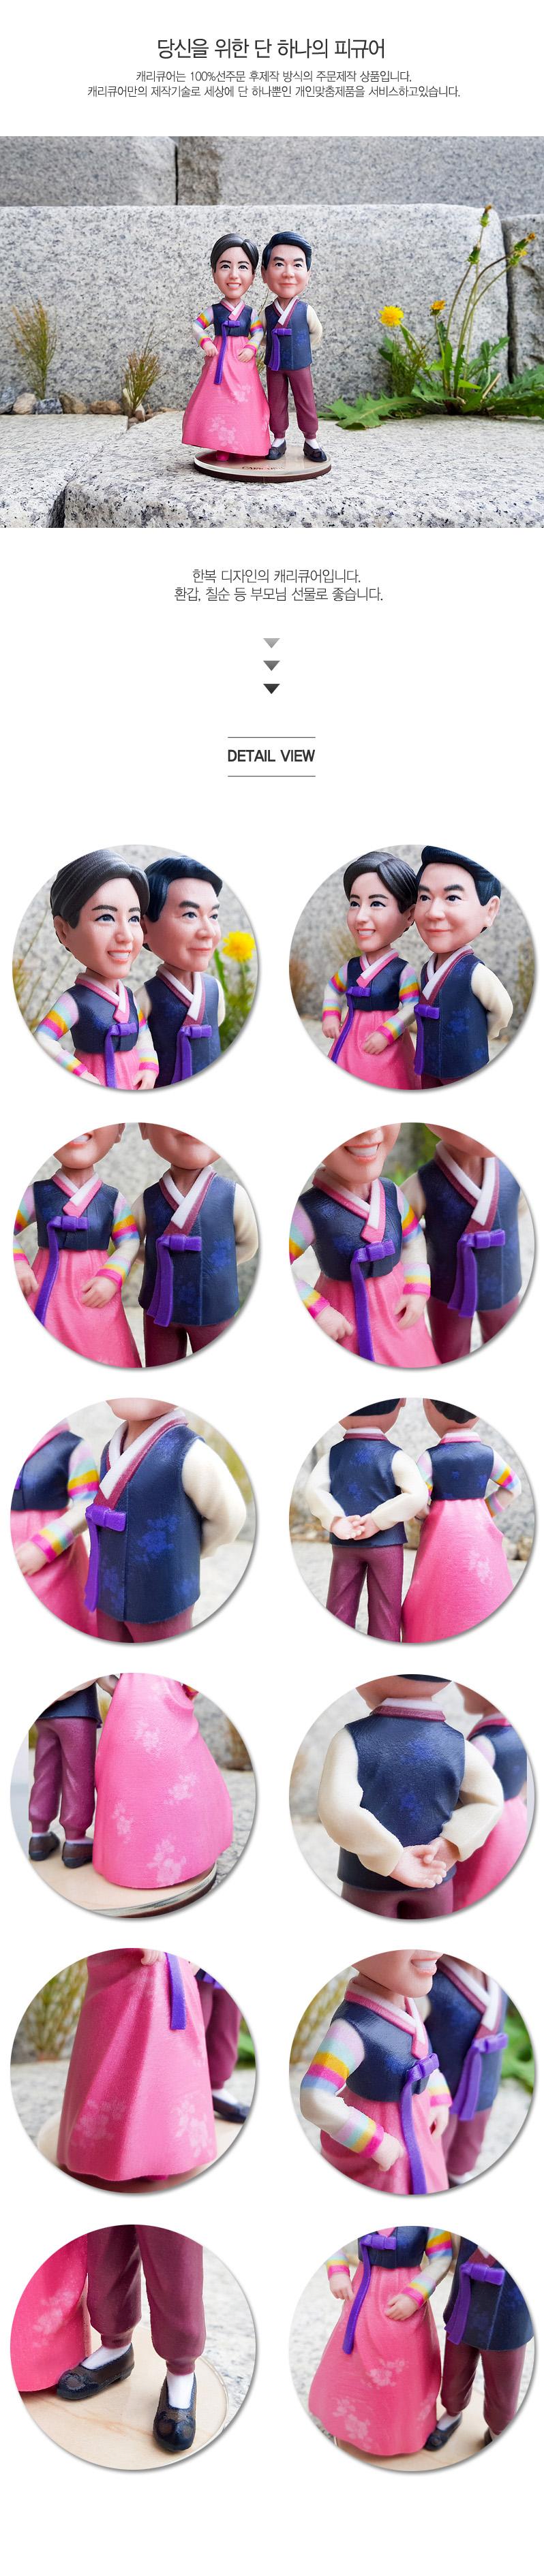 hanbok_pink_photo